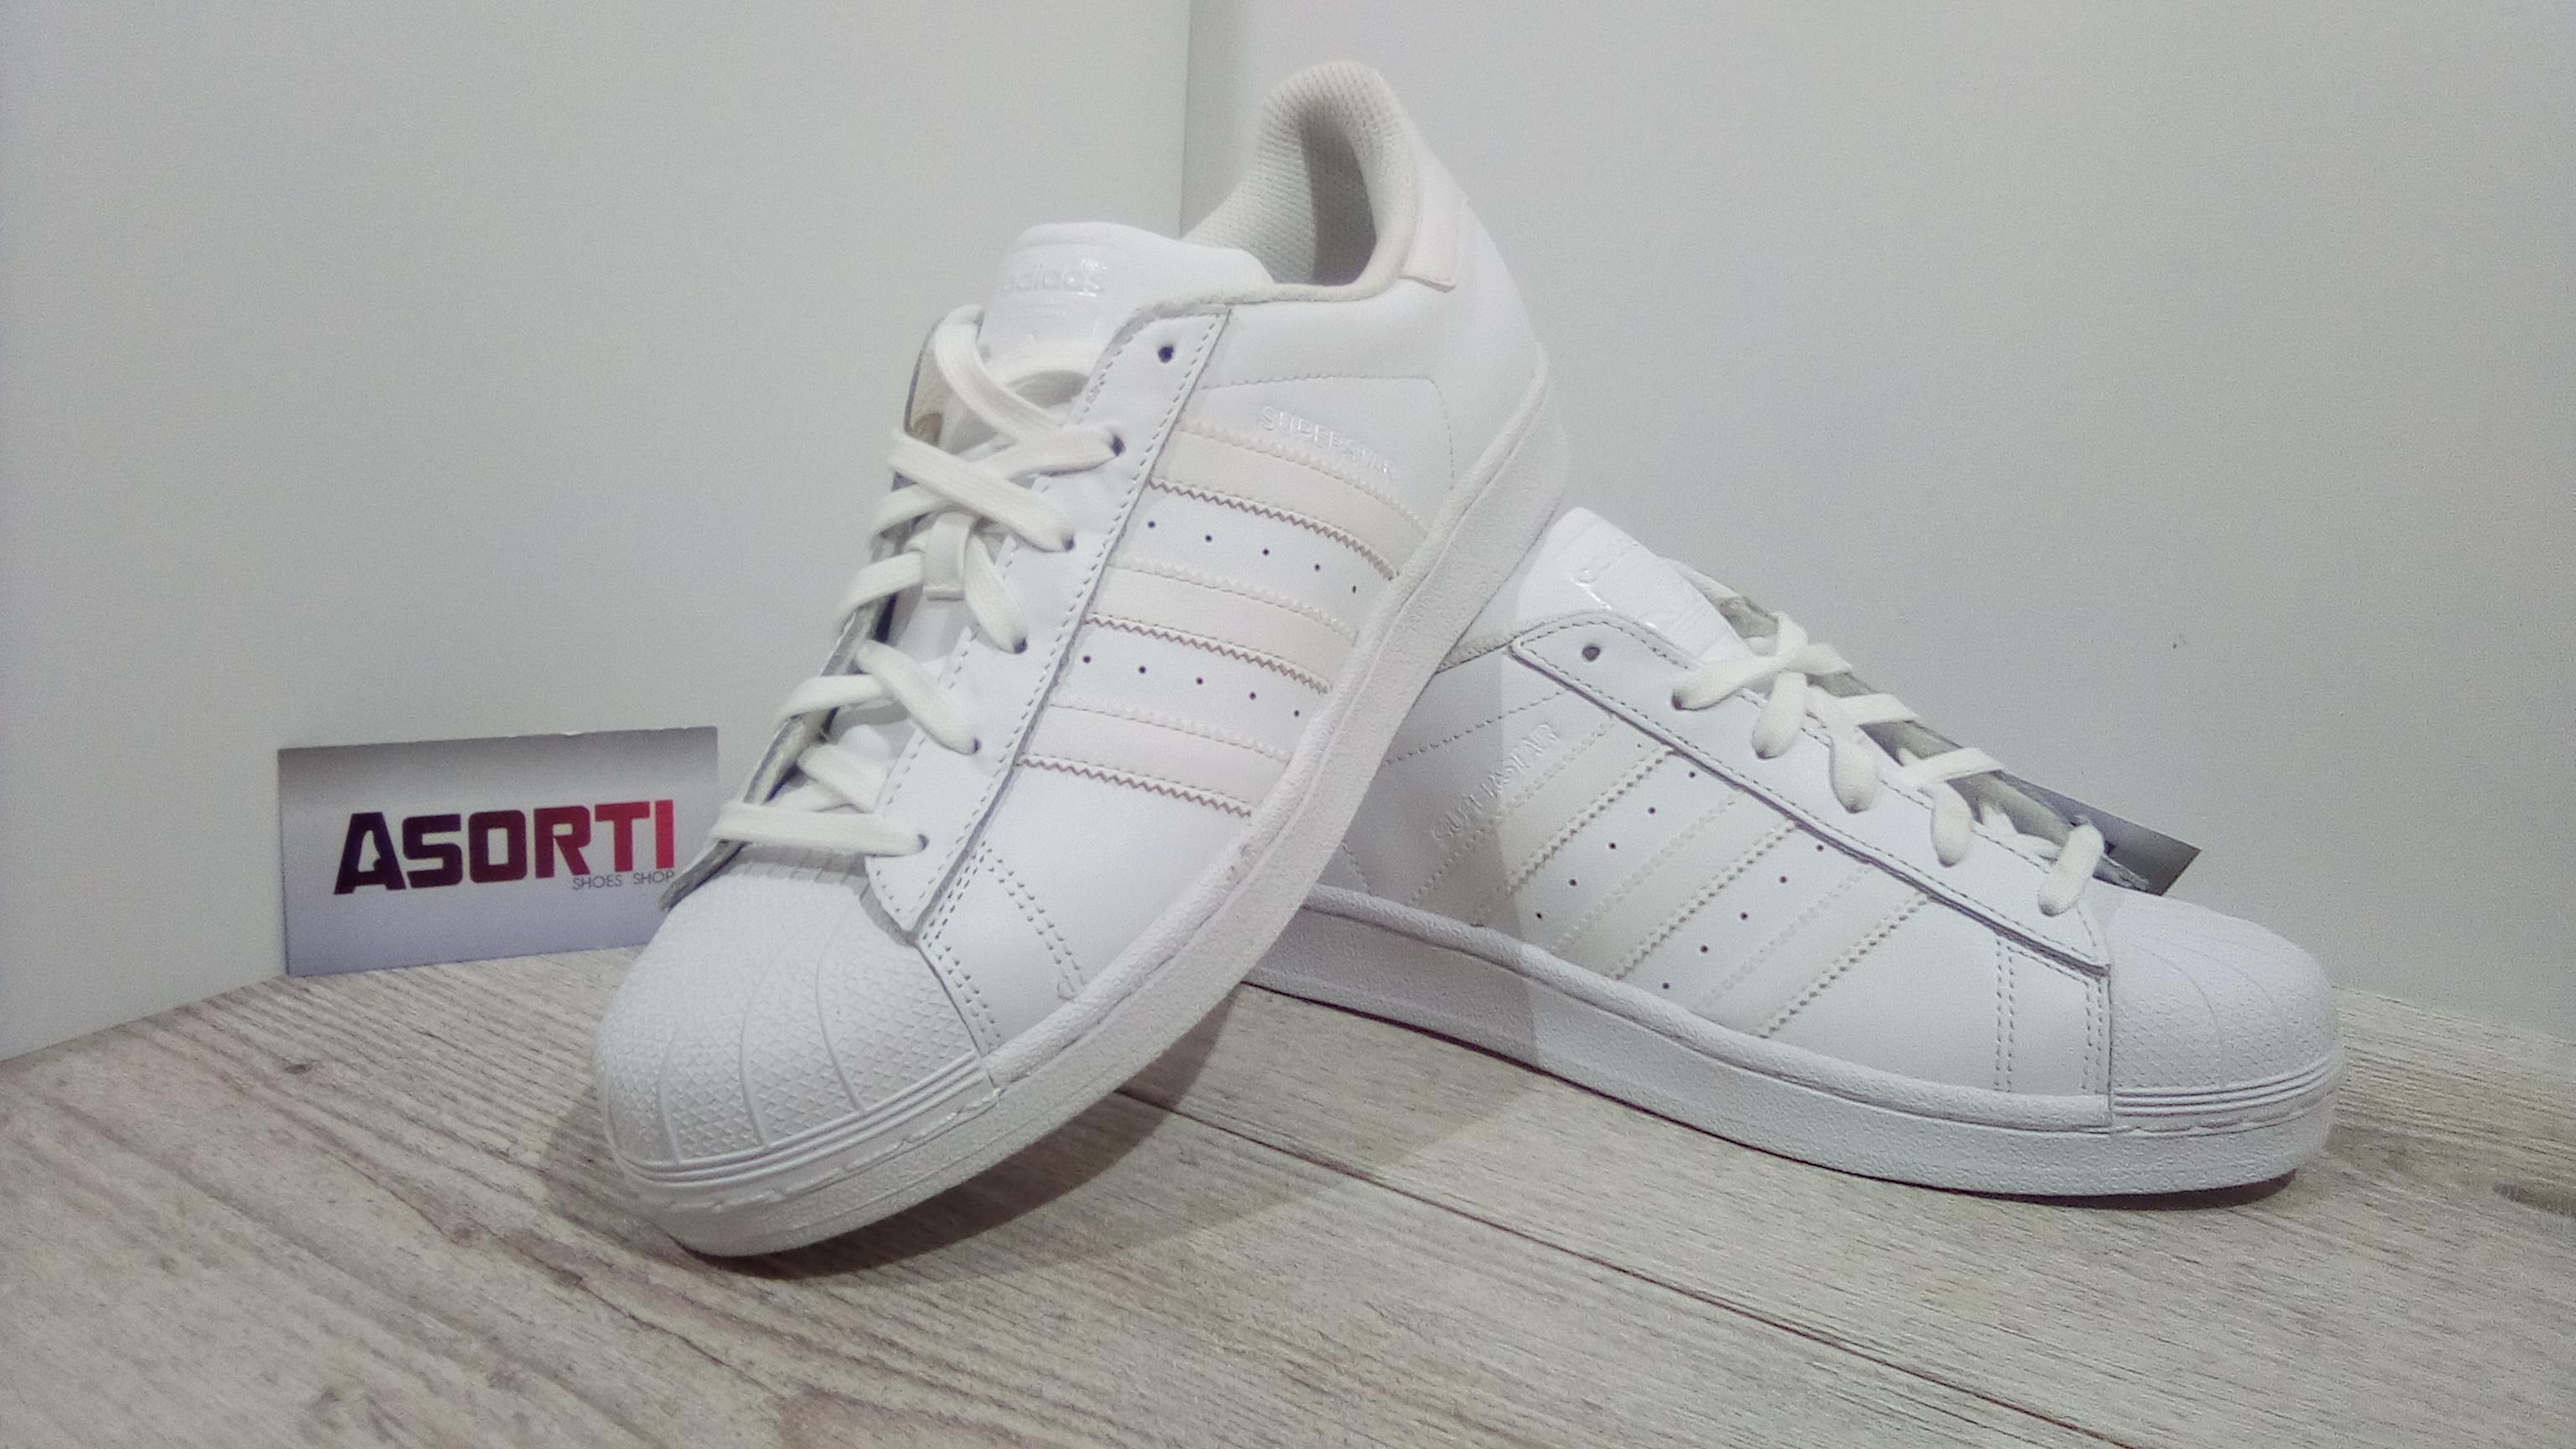 Жіночі кросівки Adidas Women s Superstar W (S85139) білі купити в ... e52e821cab3b4